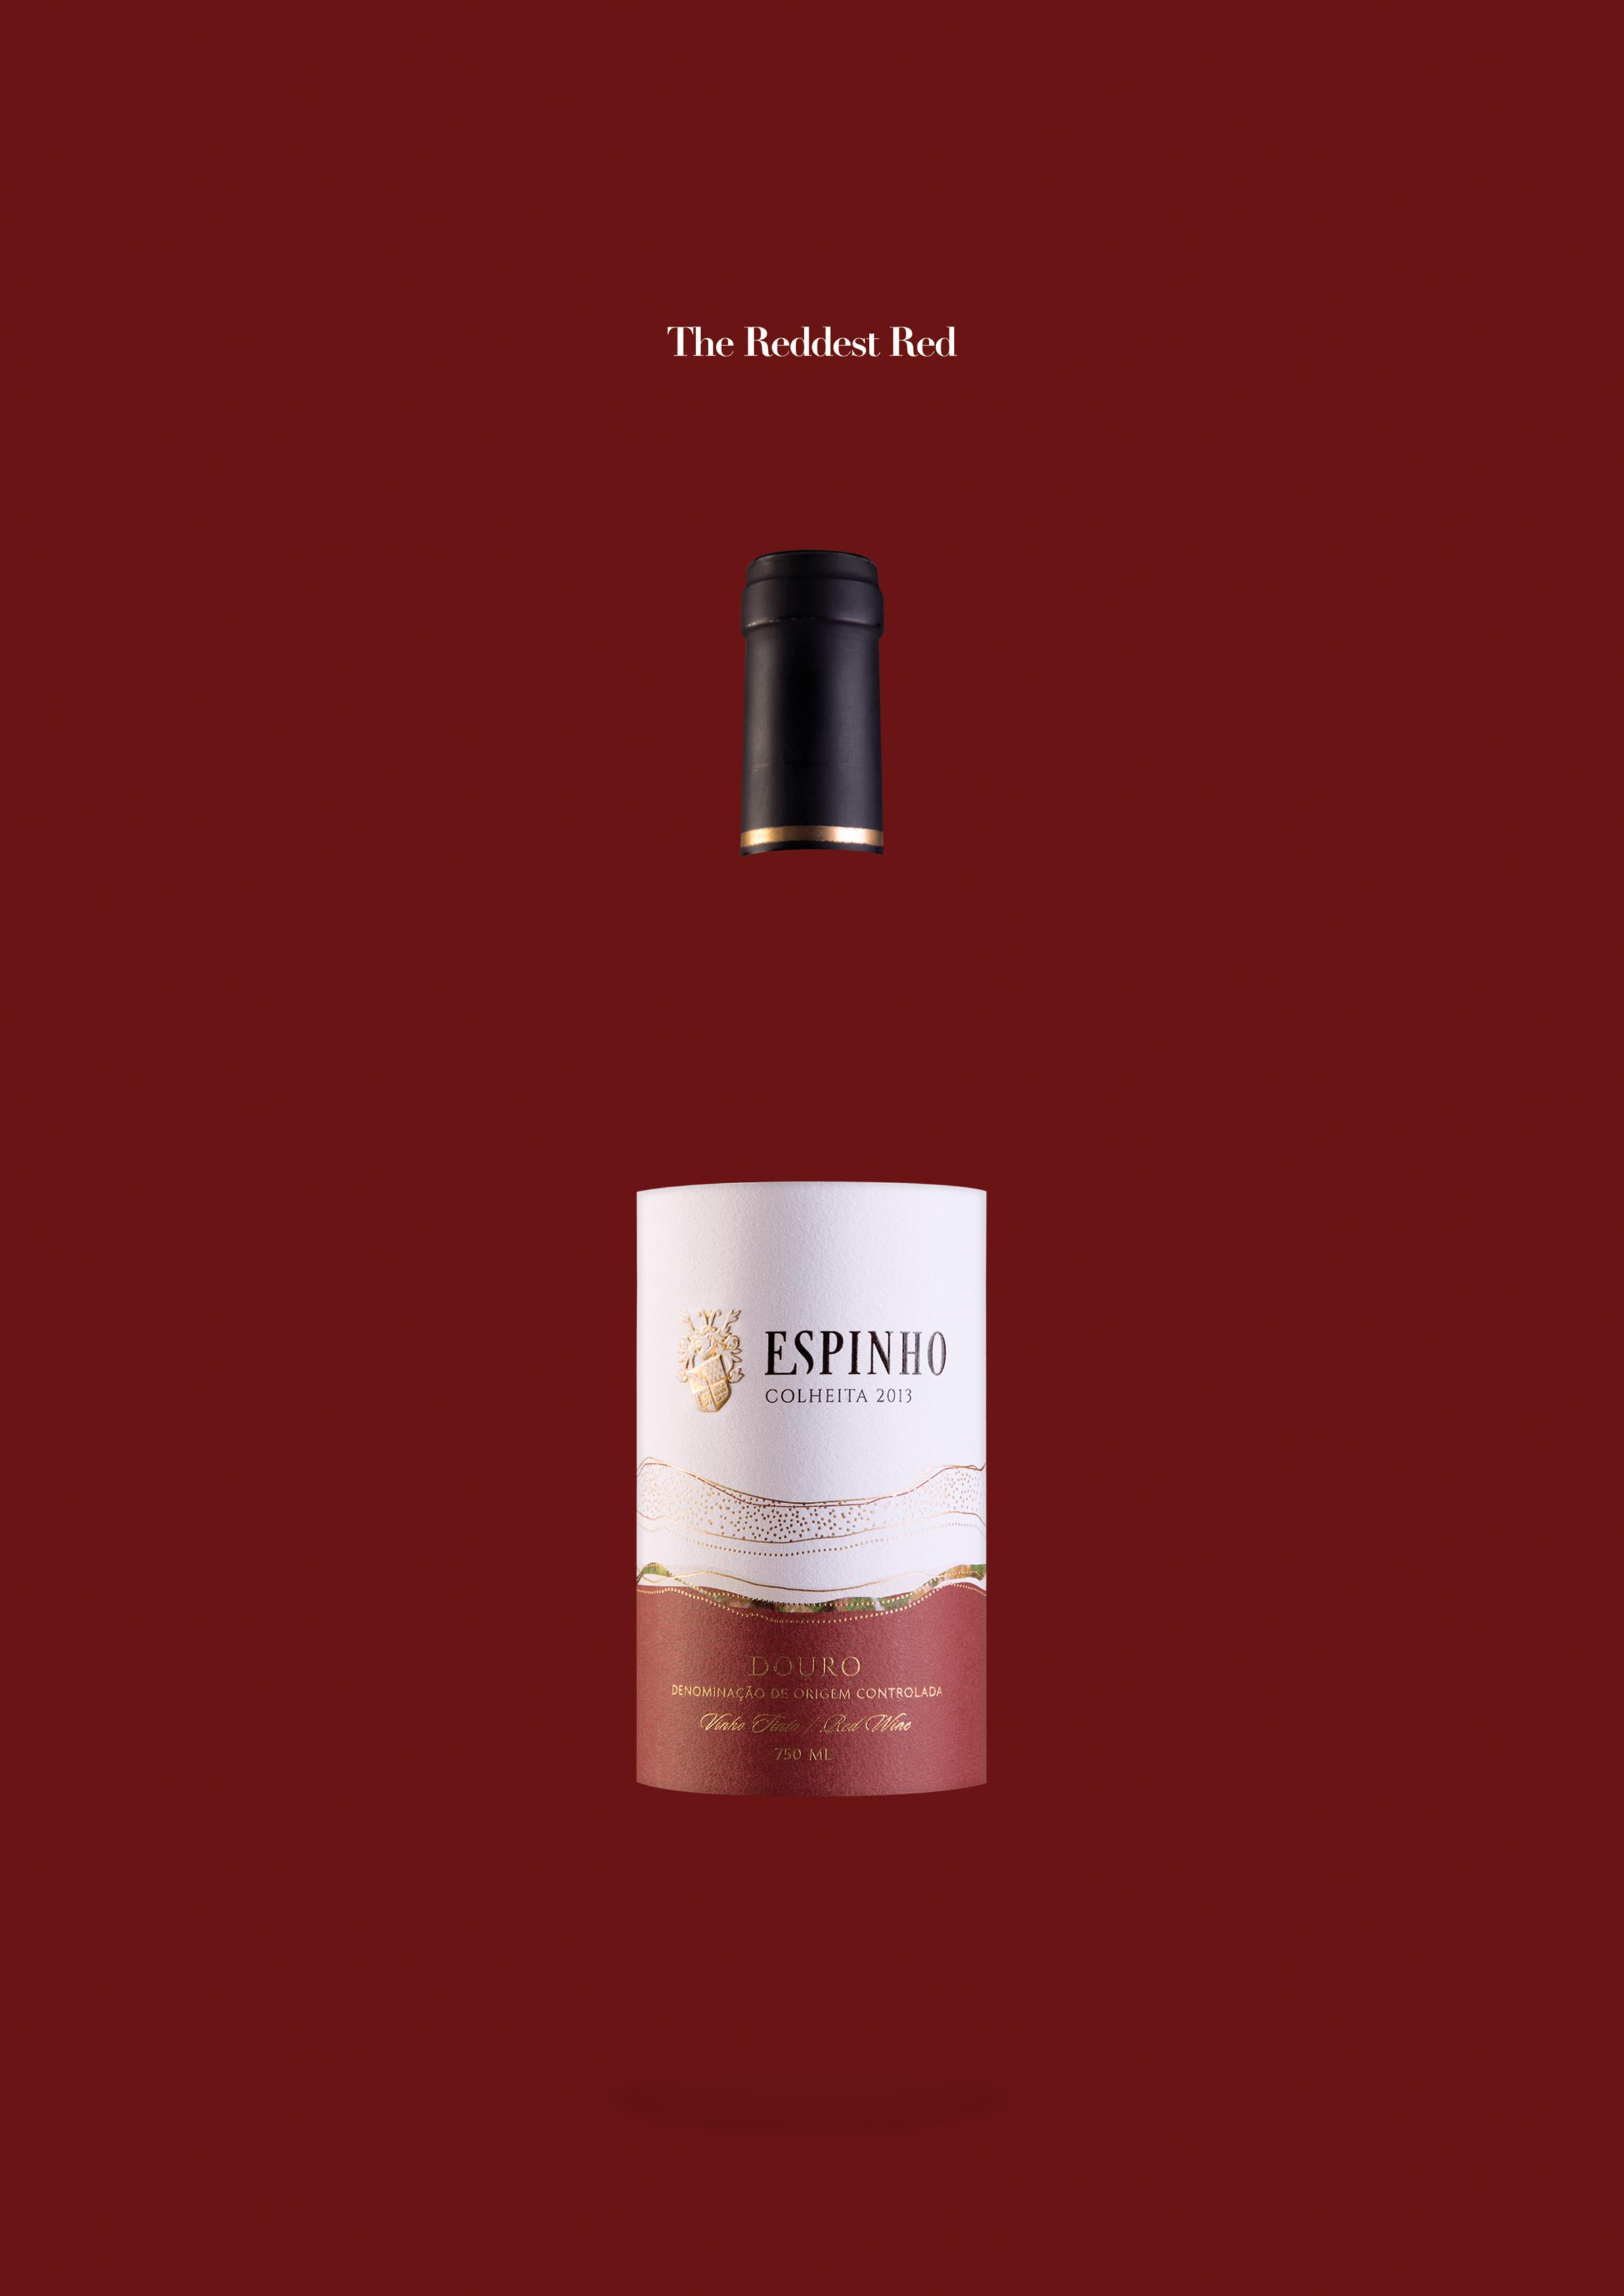 QUINTA DO ESPINHO Print Ad - The Reddest